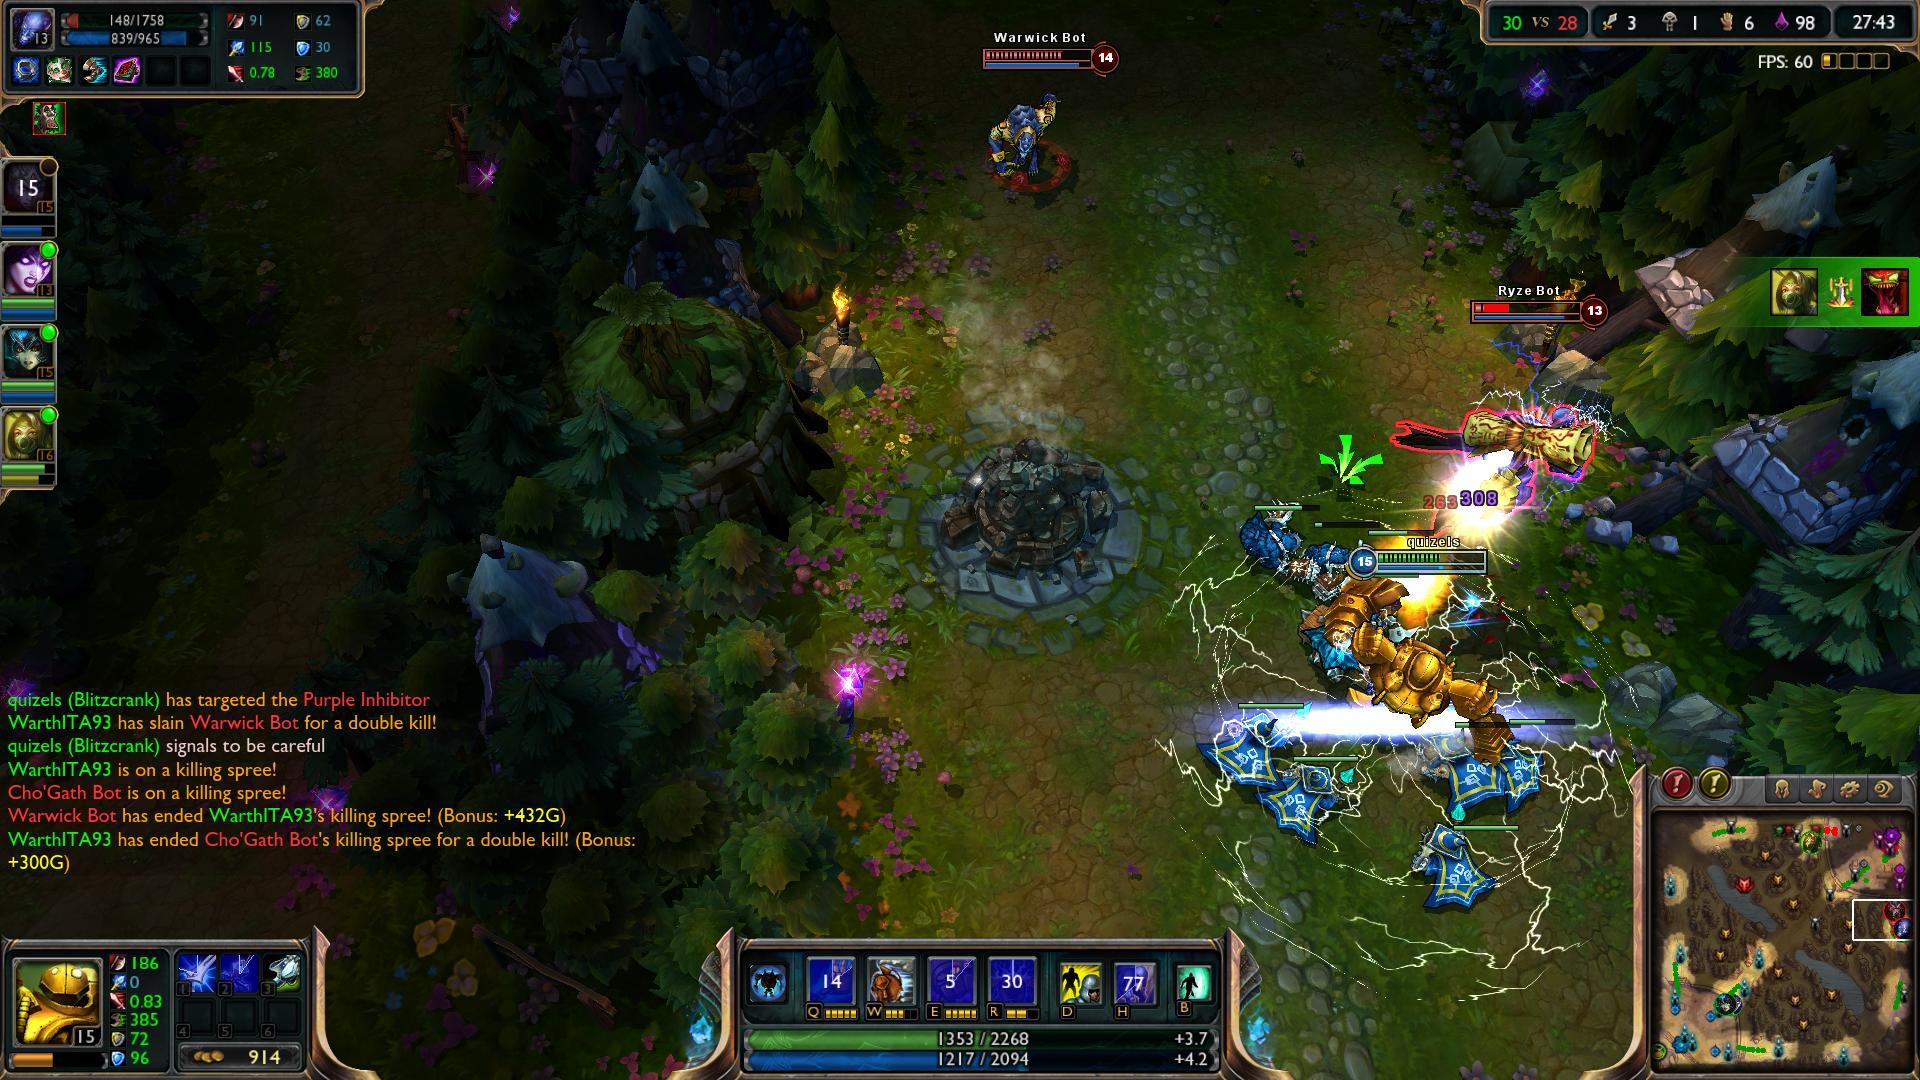 Blitzcrank Static Field lol lol screenshot - Gamingcfg com